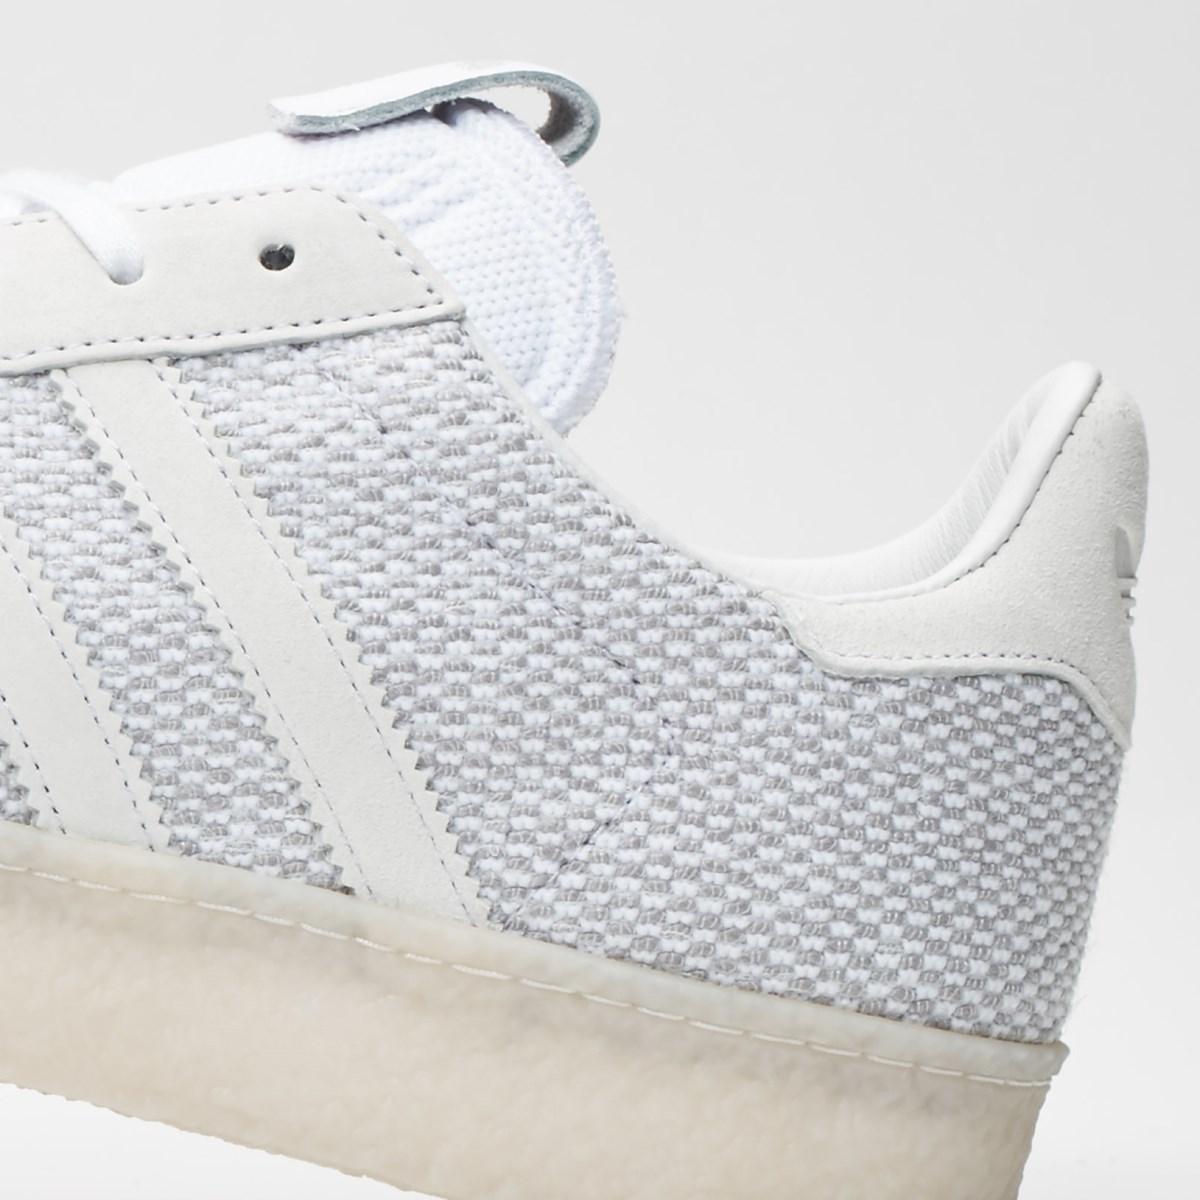 newest 923e5 7c7a2 adidas Gazelle PK Juice - Db1628 - Sneakersnstuff   sneakers   streetwear  online since 1999